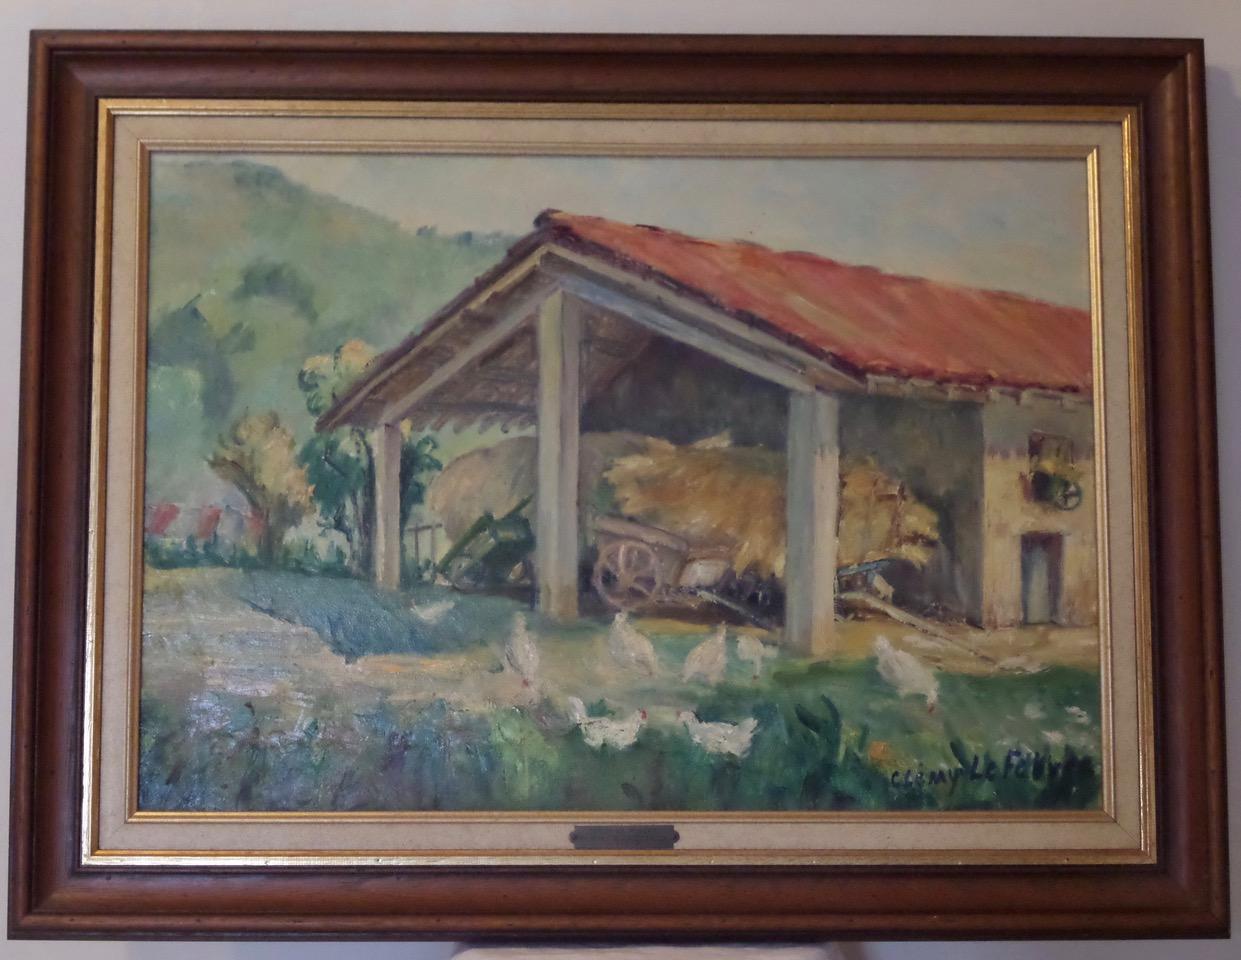 Encore des tableaux du coin peints par Clémy Le Febvre - Merci de nous aider à les situer